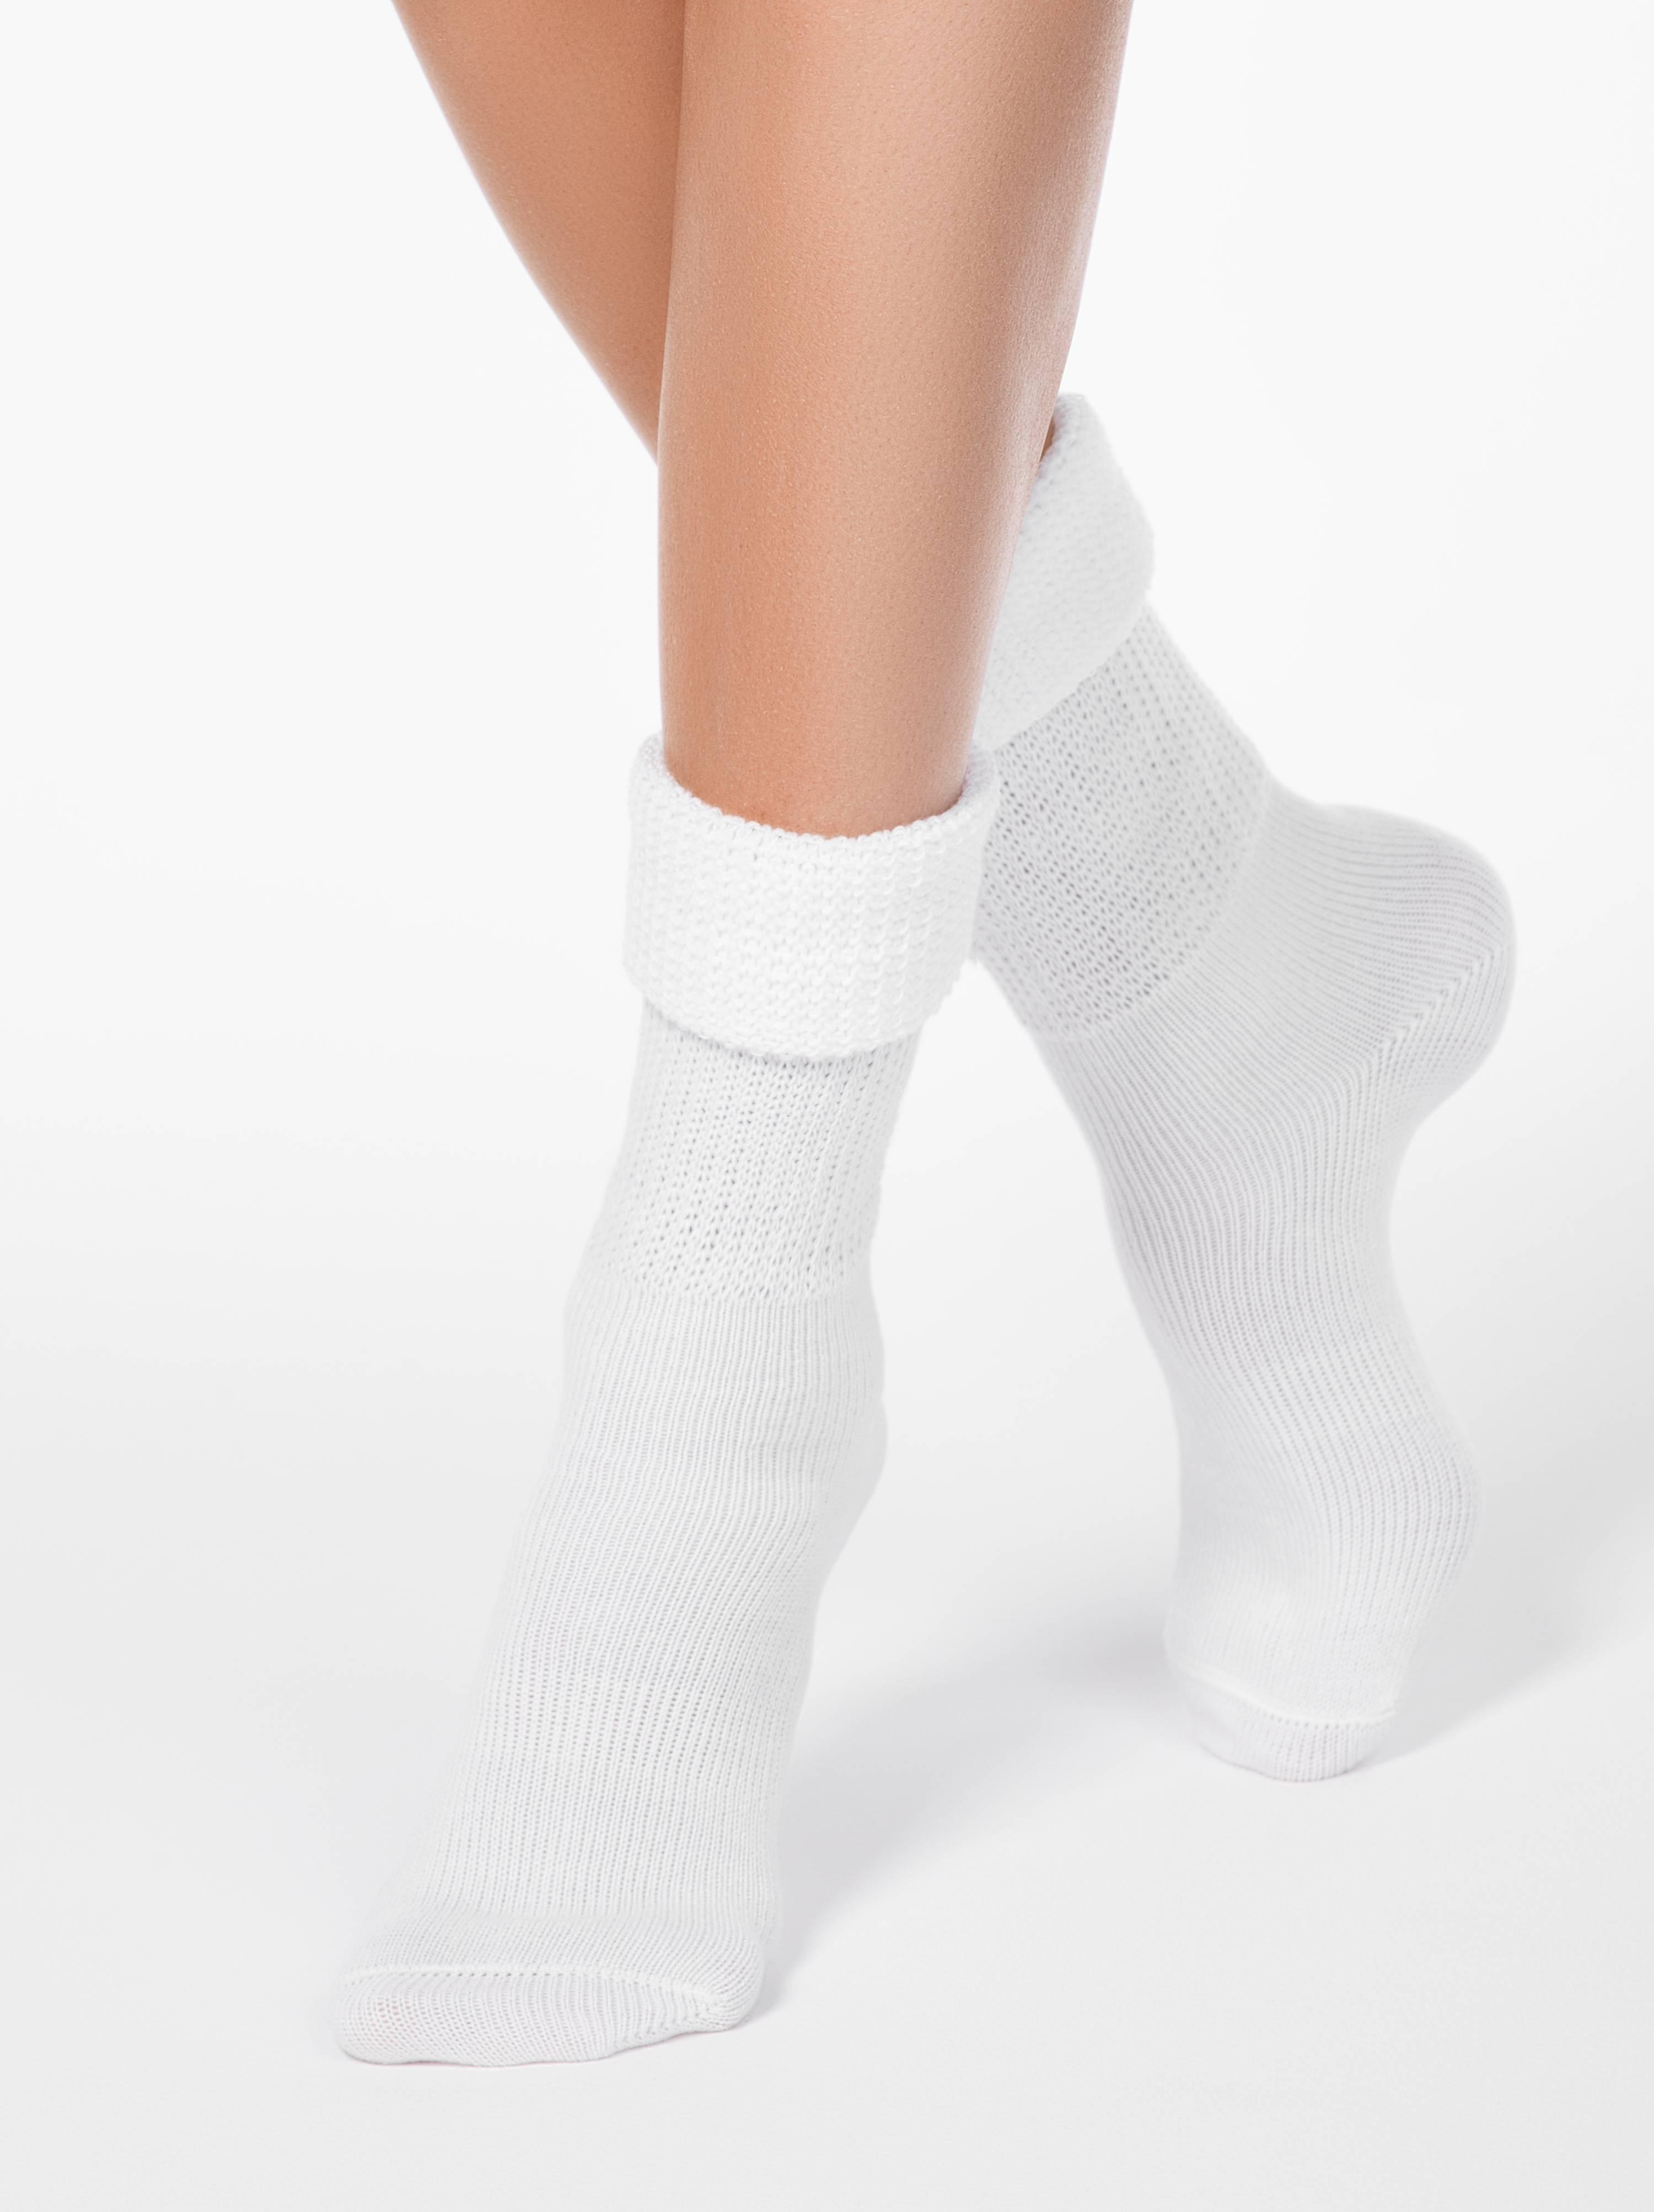 Носки полиамидные женские ⭐️ Теплые носки с отворотом COMFORT ⭐️